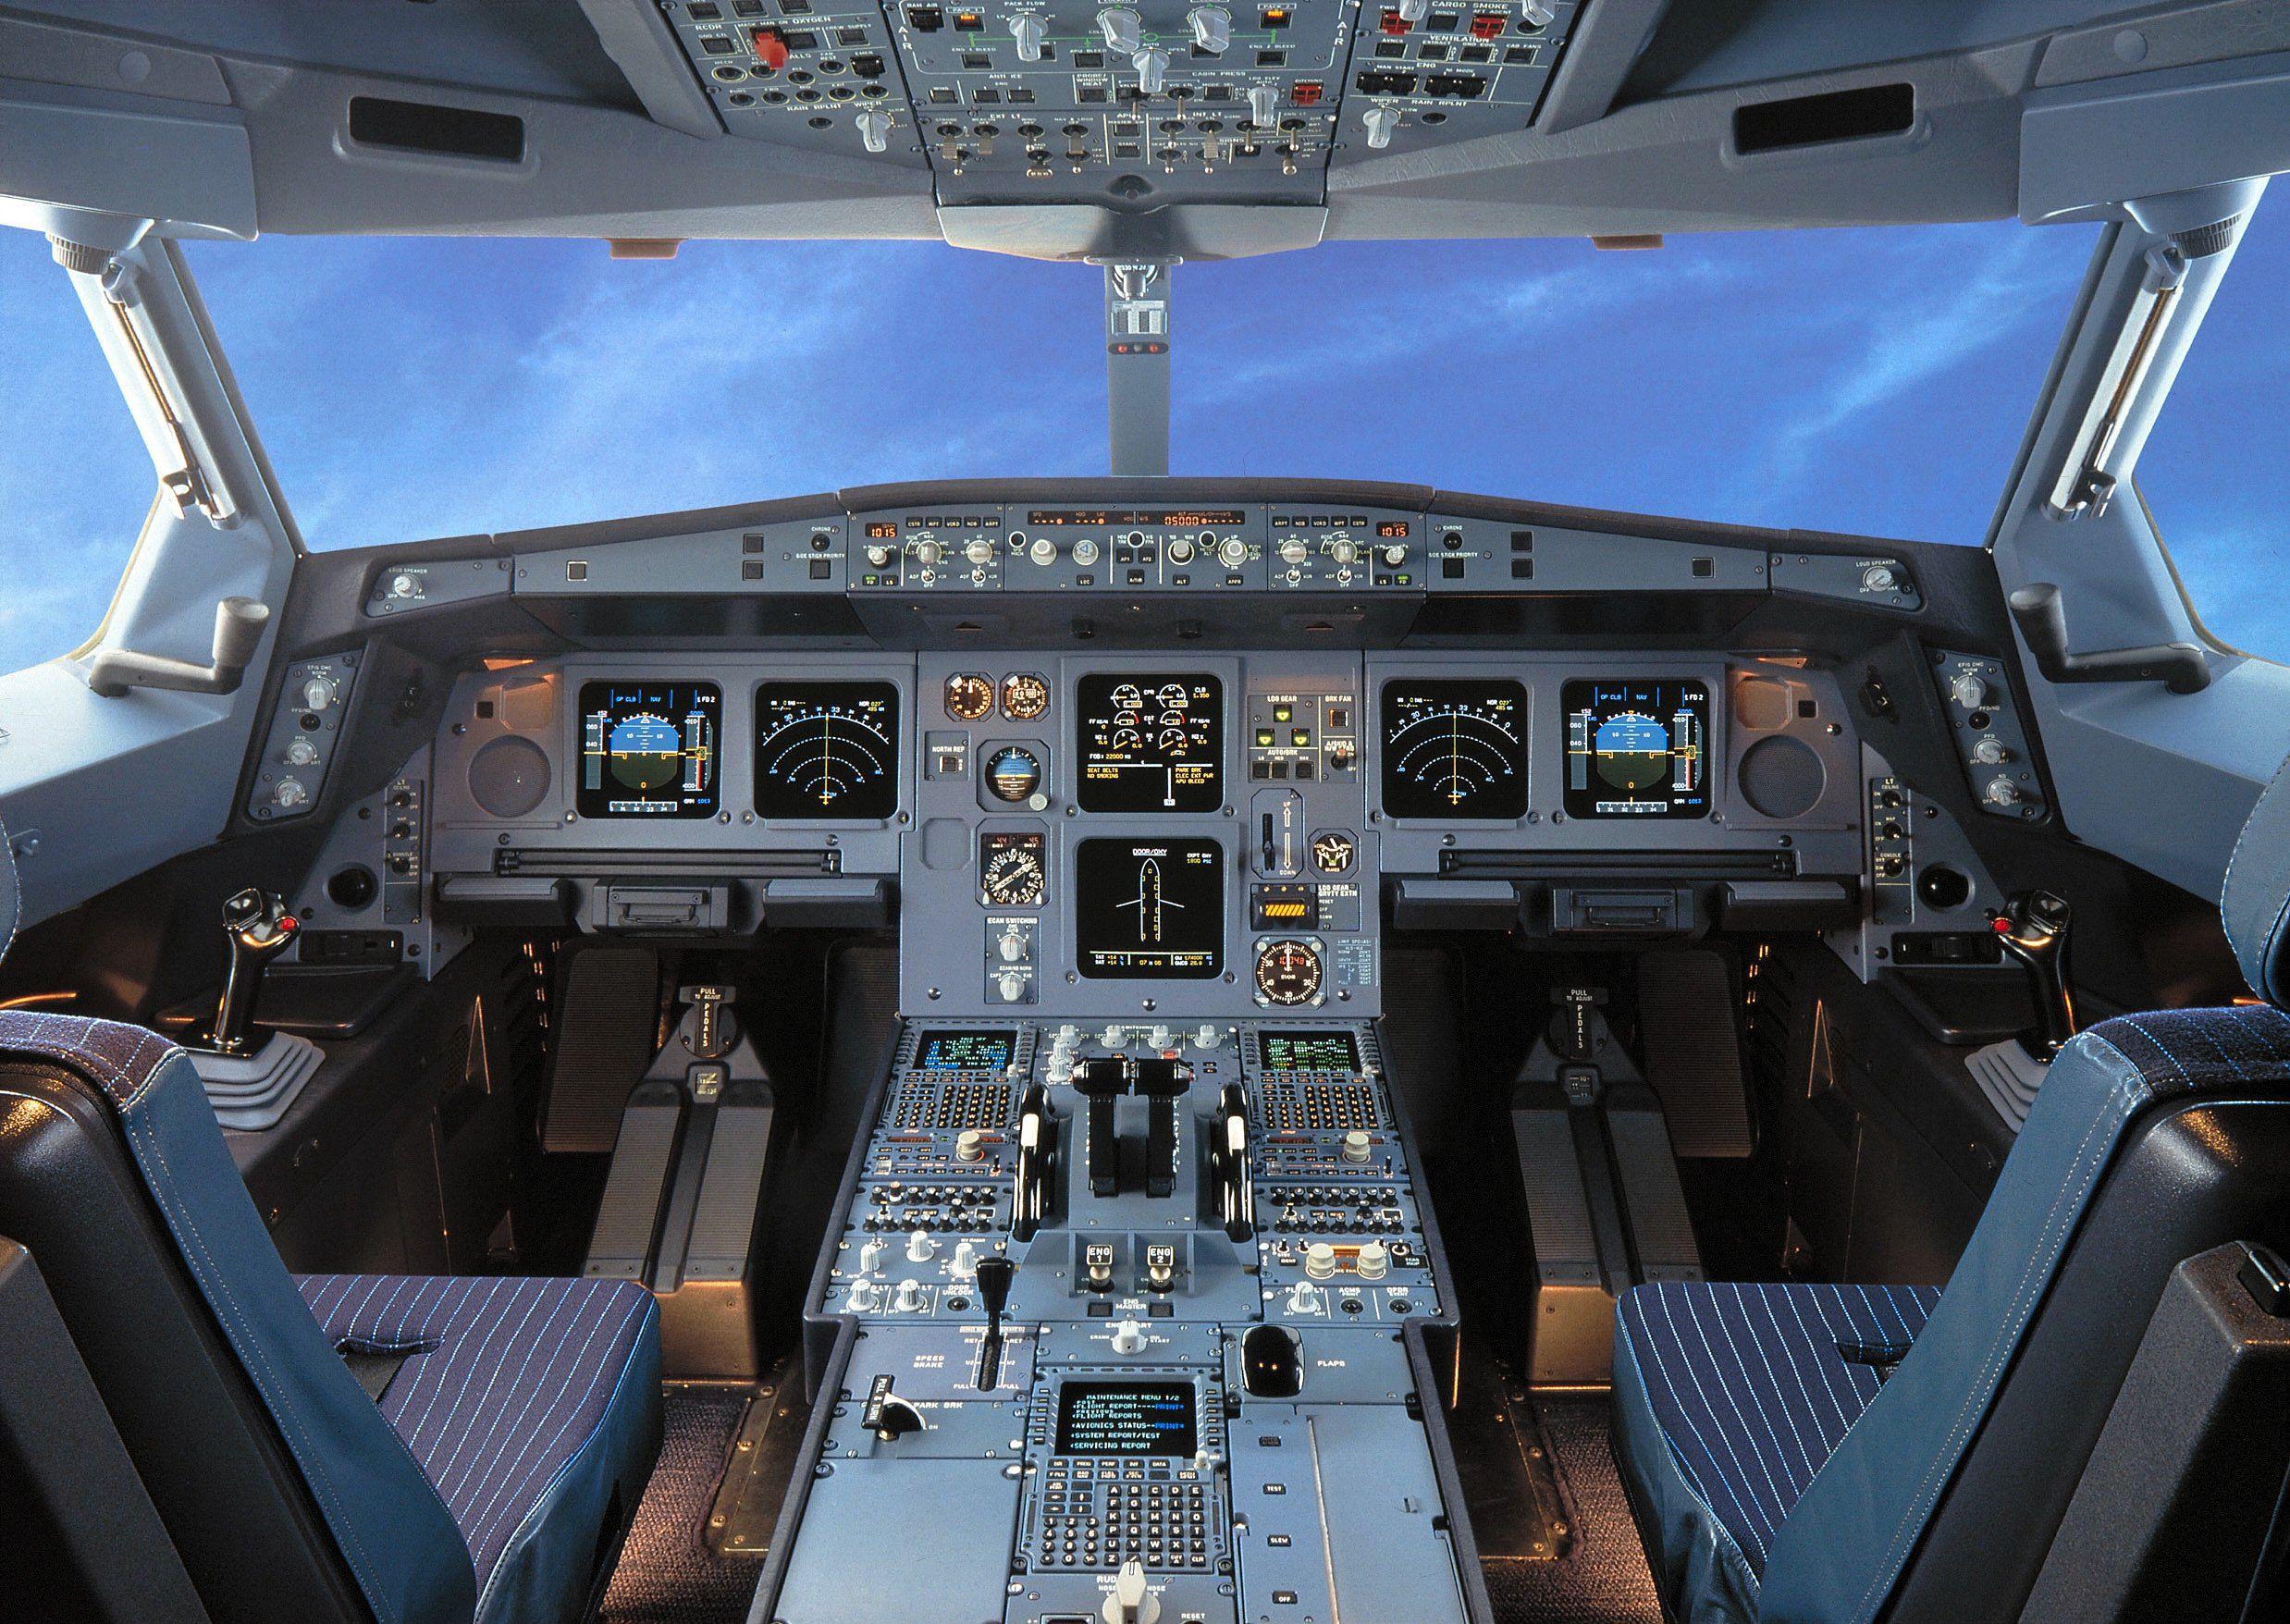 Cockpittet på en Airbus A330. Spildt kaffe i et af kontrolpanelerne udløste en sikkerhedslanding med en A330 fra det britiske Thomas Cook-flyselskab. Arkivpressefoto: Airbus.